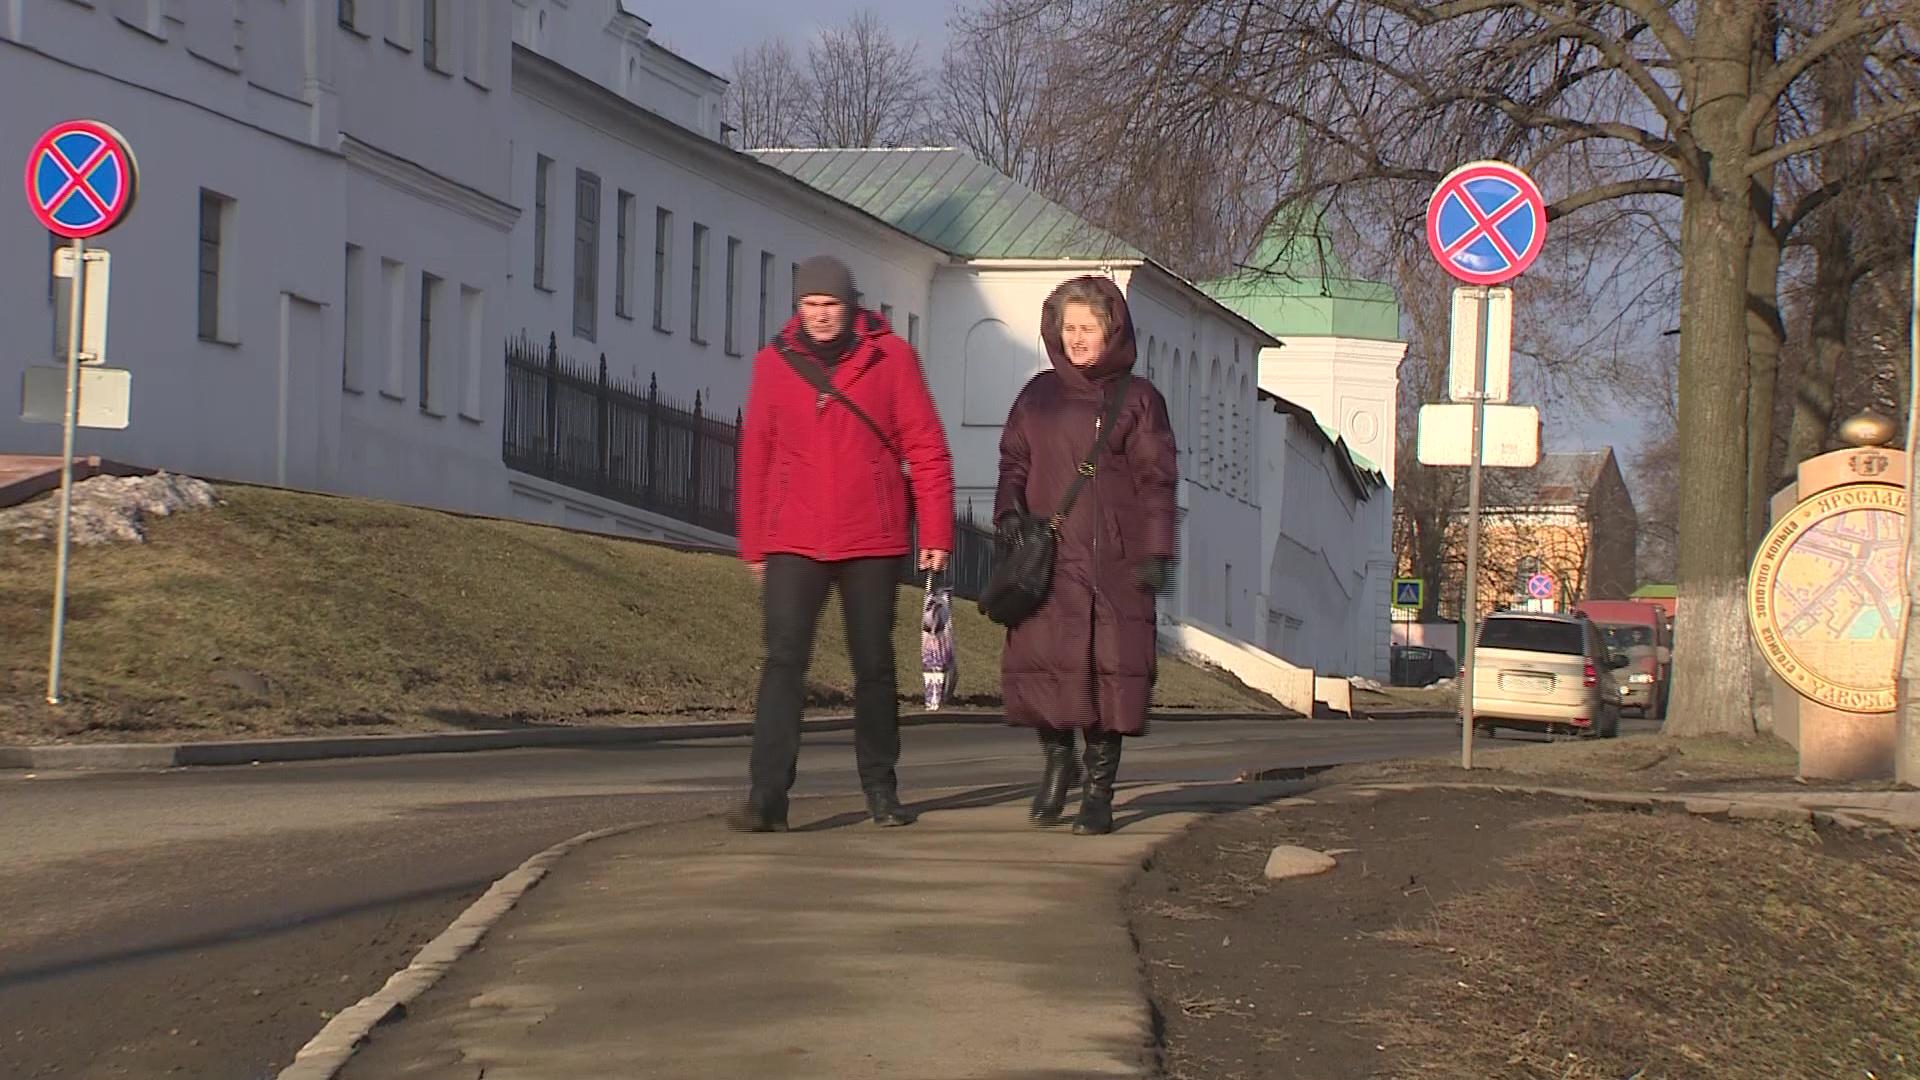 Ярославцы могут предложить свои идеи по благоустройству Которосльной набережной